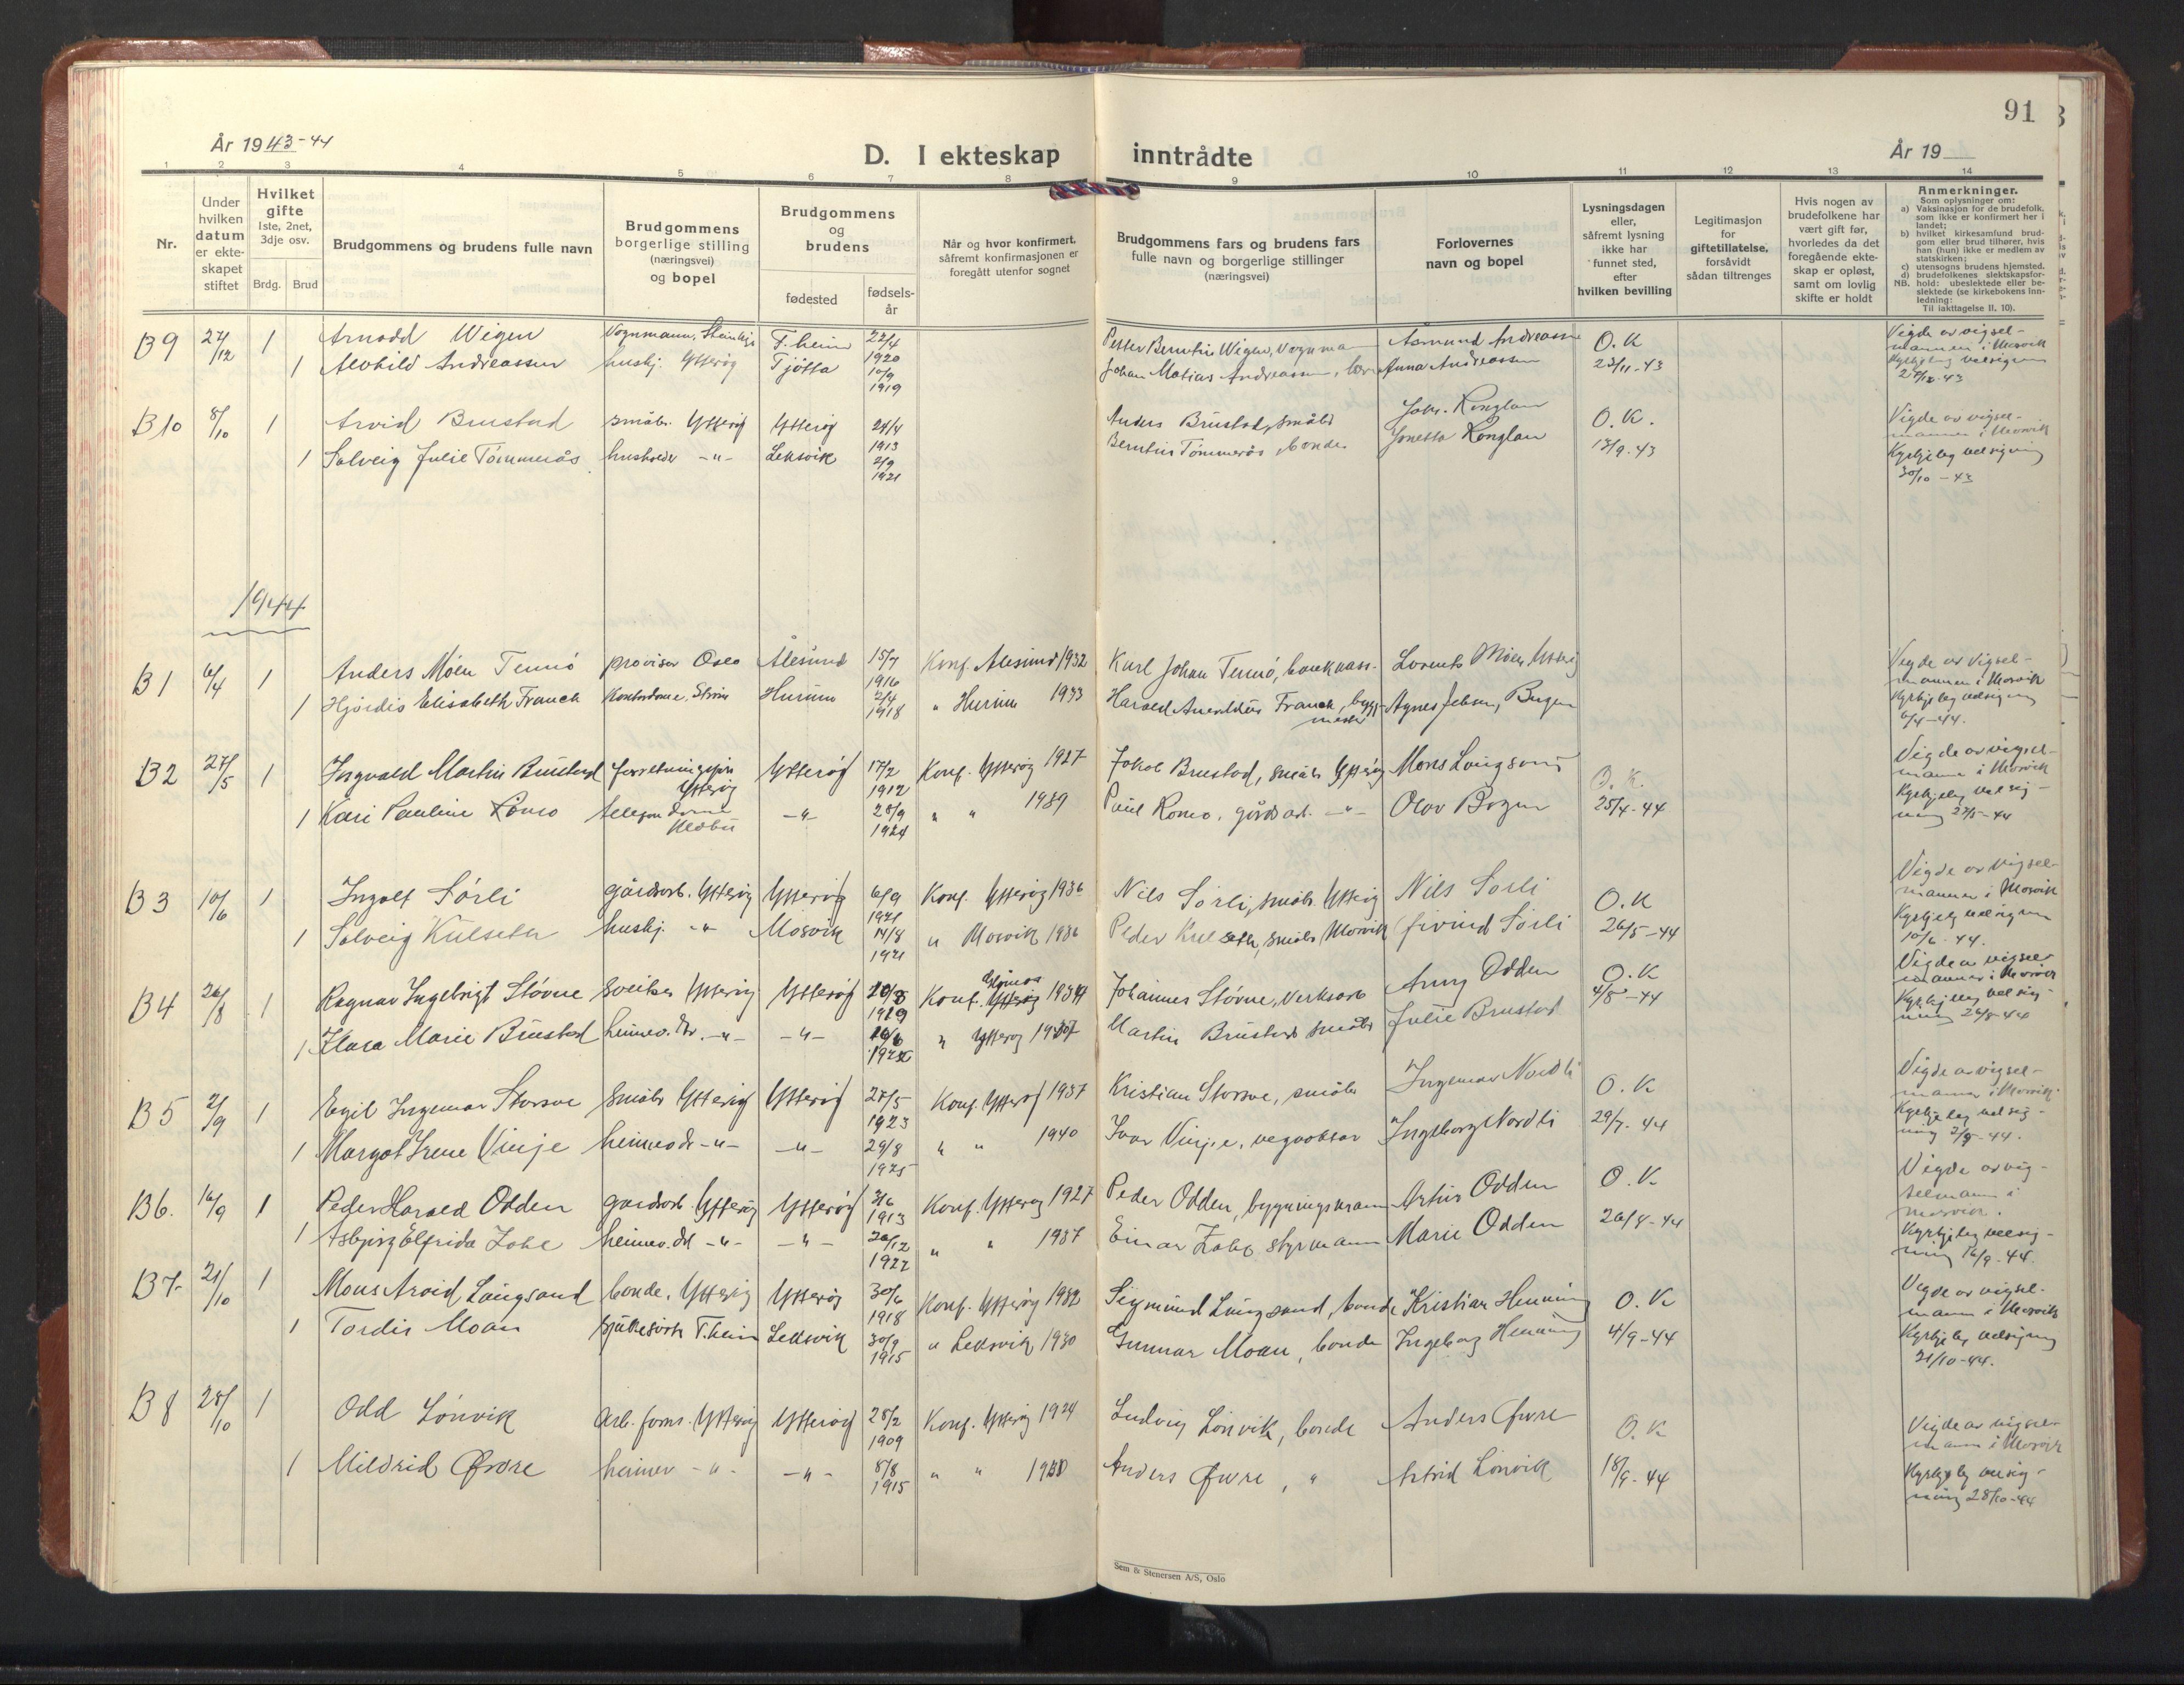 SAT, Ministerialprotokoller, klokkerbøker og fødselsregistre - Nord-Trøndelag, 722/L0227: Klokkerbok nr. 722C03, 1928-1958, s. 91